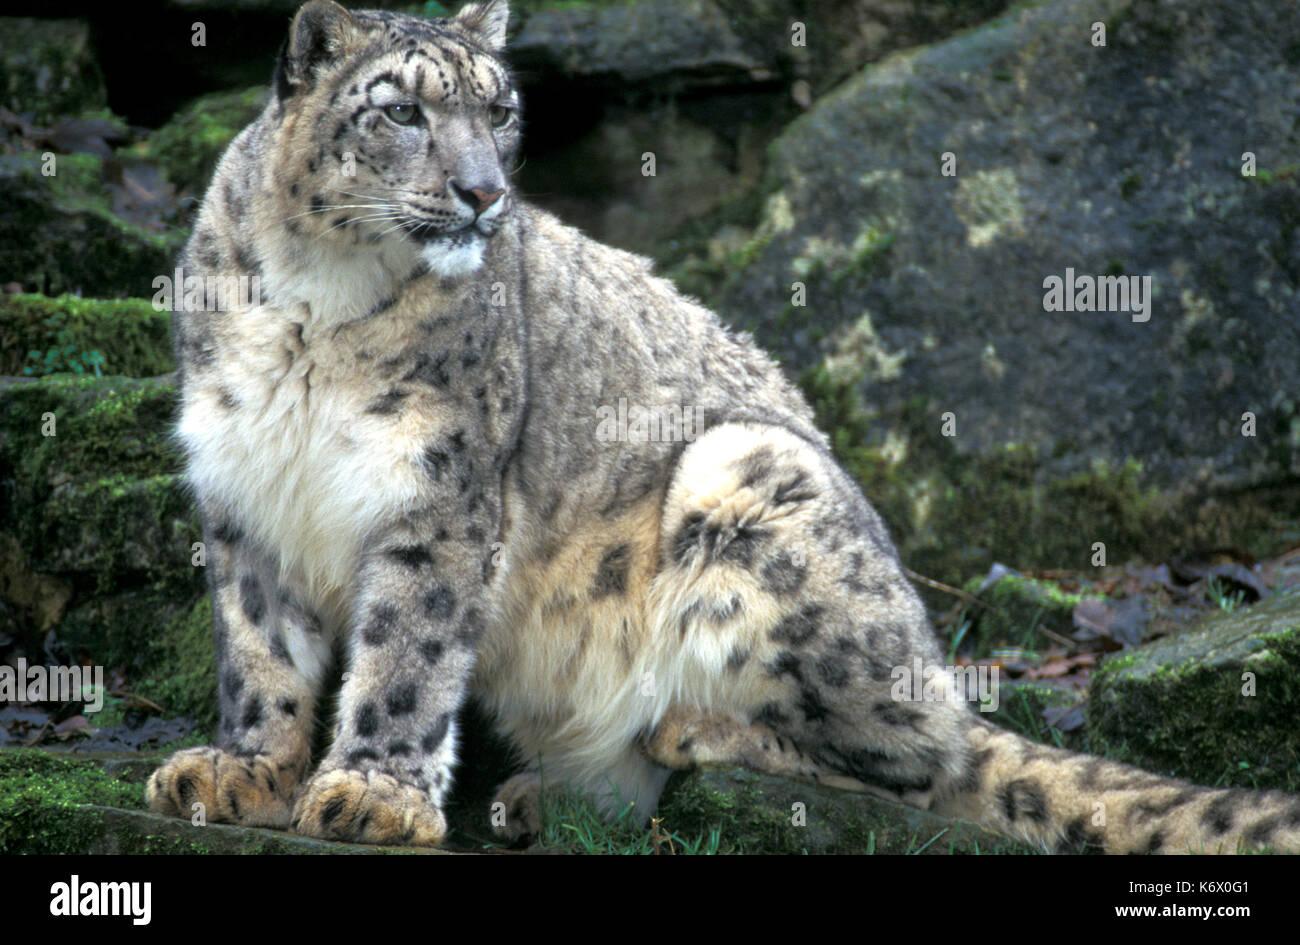 Snow leopard, captive, Panthera uncia, spotty pattern dense fur - Stock Image